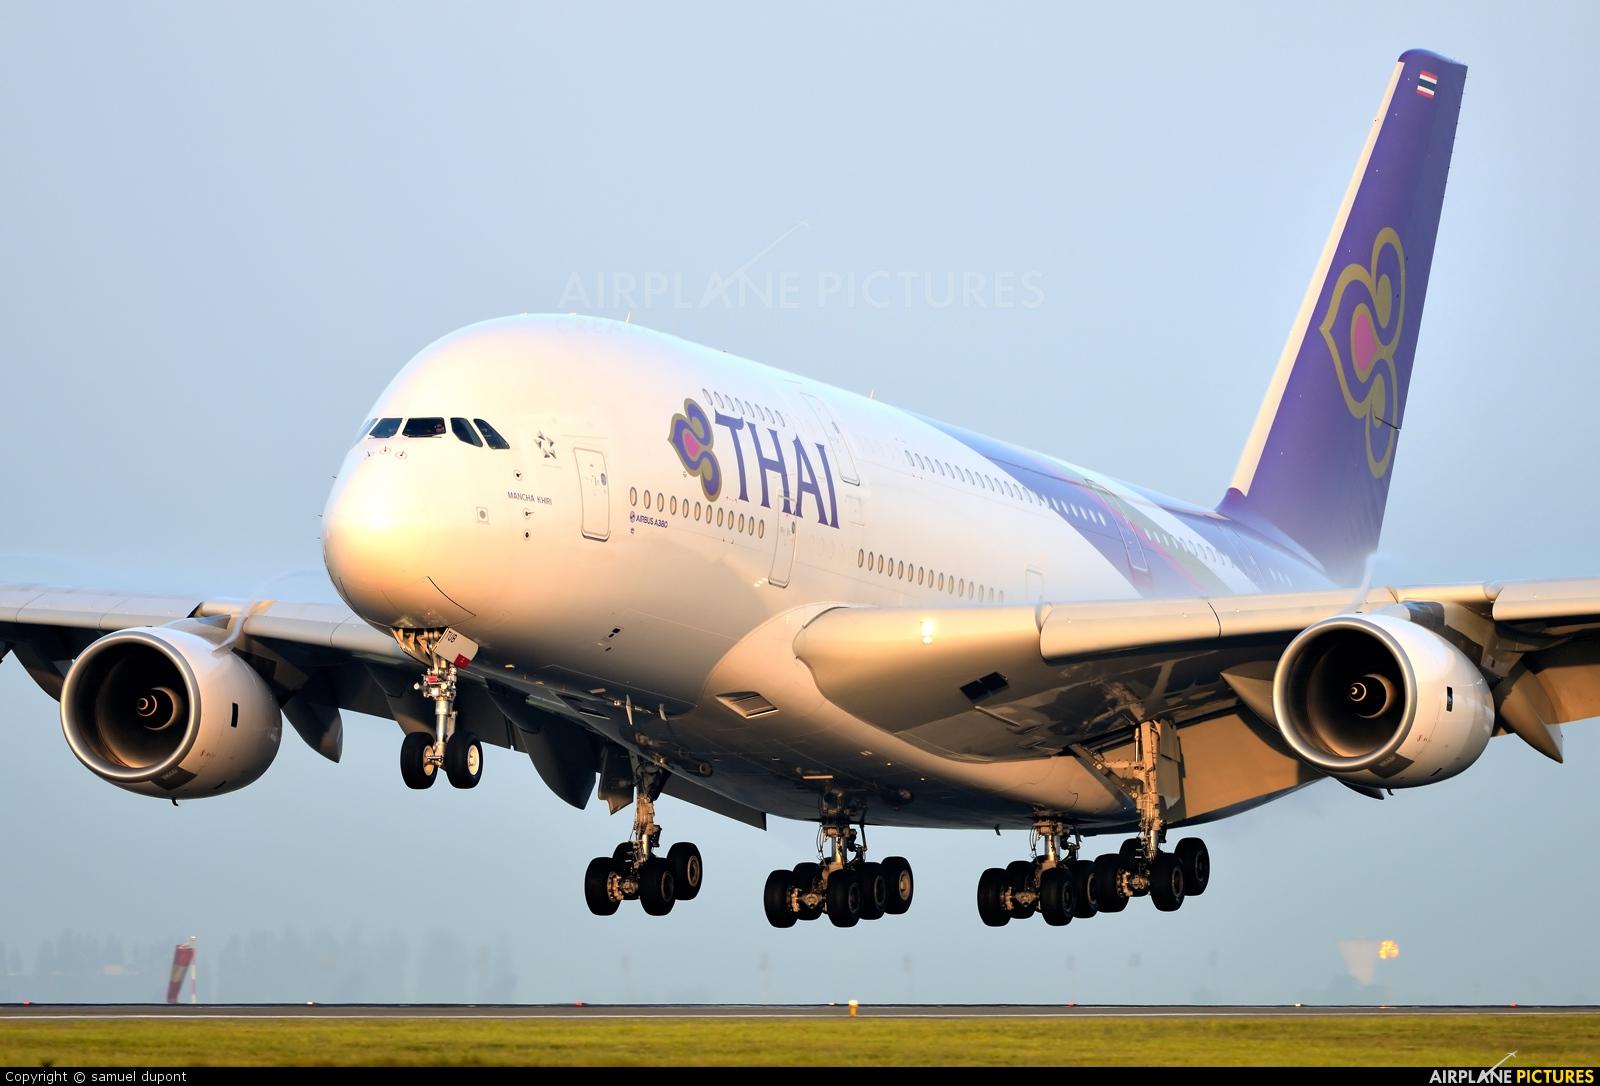 HS-TUB - Thai Airways Airbus A380 at Paris - Charles de Gaulle ...